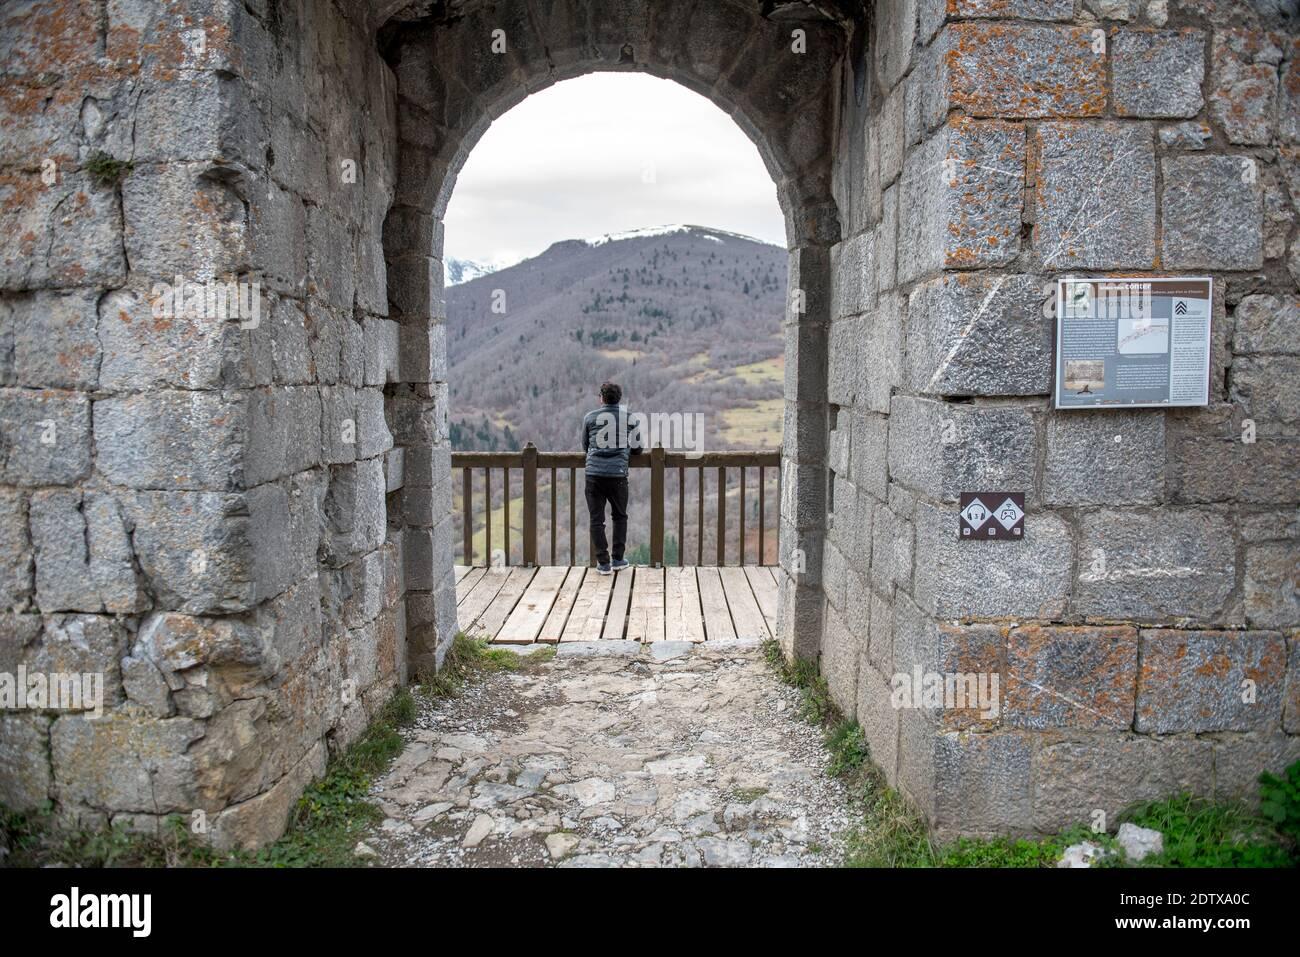 Montsegur, Arenge, France: 2020 à partir de décembre 20: Hommes au château cathare de Montsegur en Ariège, Occitanie au sud de la France en hiver 2020 Banque D'Images